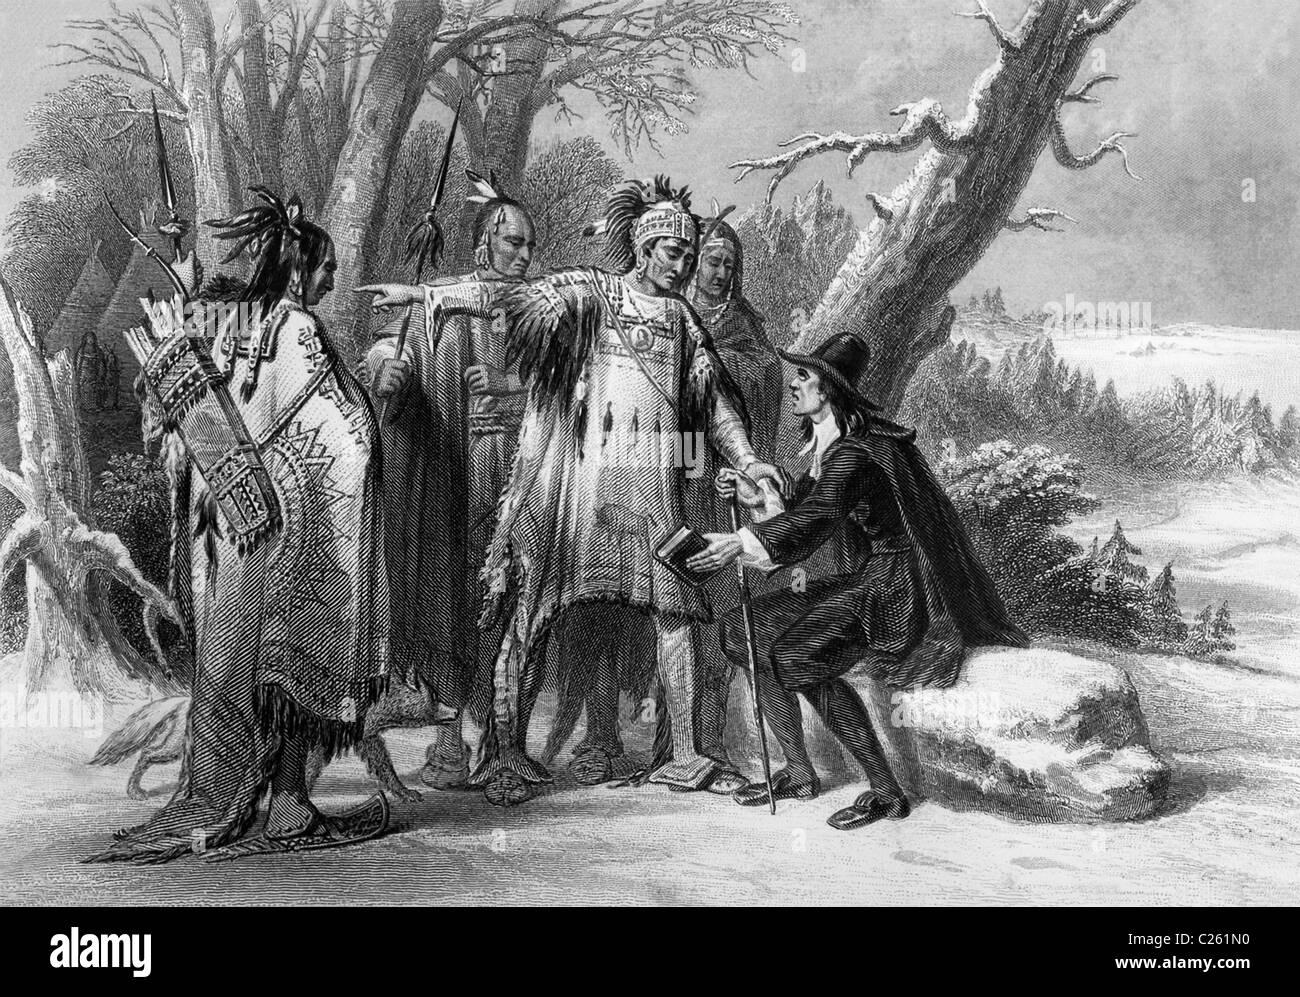 Roger Williams obtuvo el terreno de los Narragansetts y fundó Providence Plantation en Rhode Island. Foto de stock